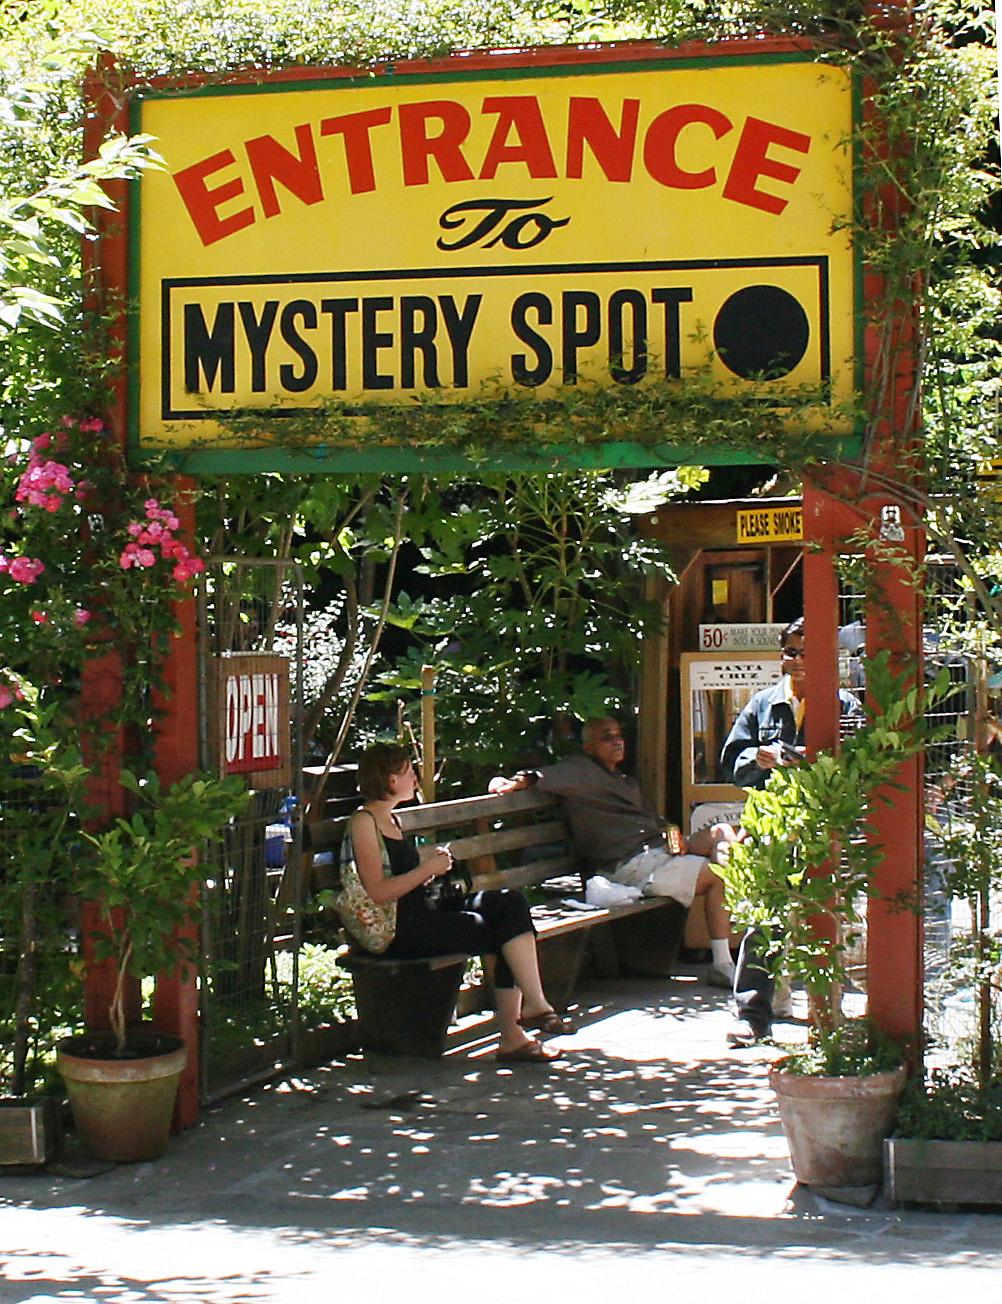 Mystery_spot_entrance